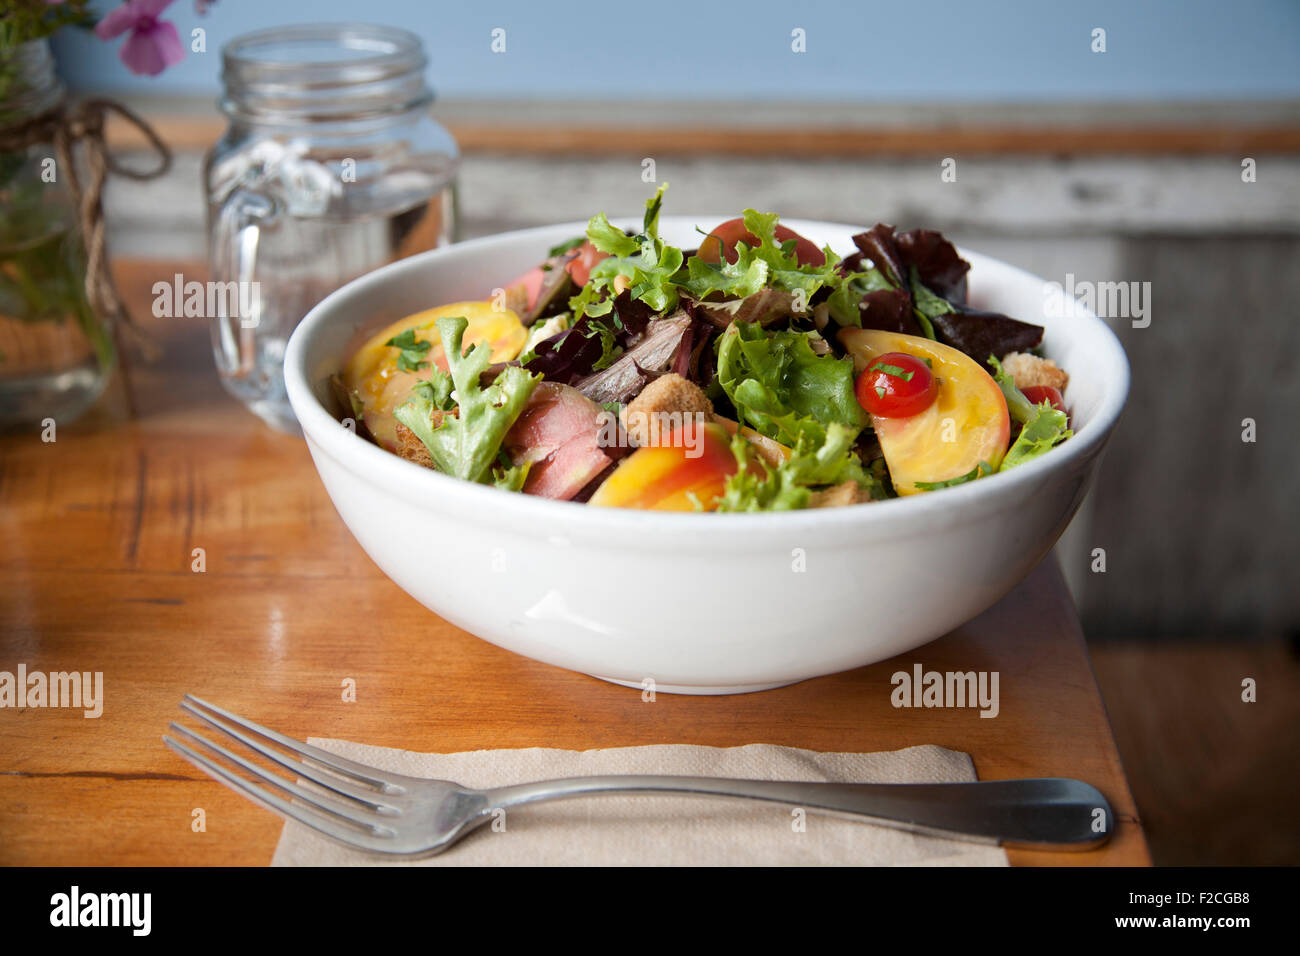 Vista lateral de la ensalada en tazón blanco con un tenedor, servilleta, Imagen De Stock